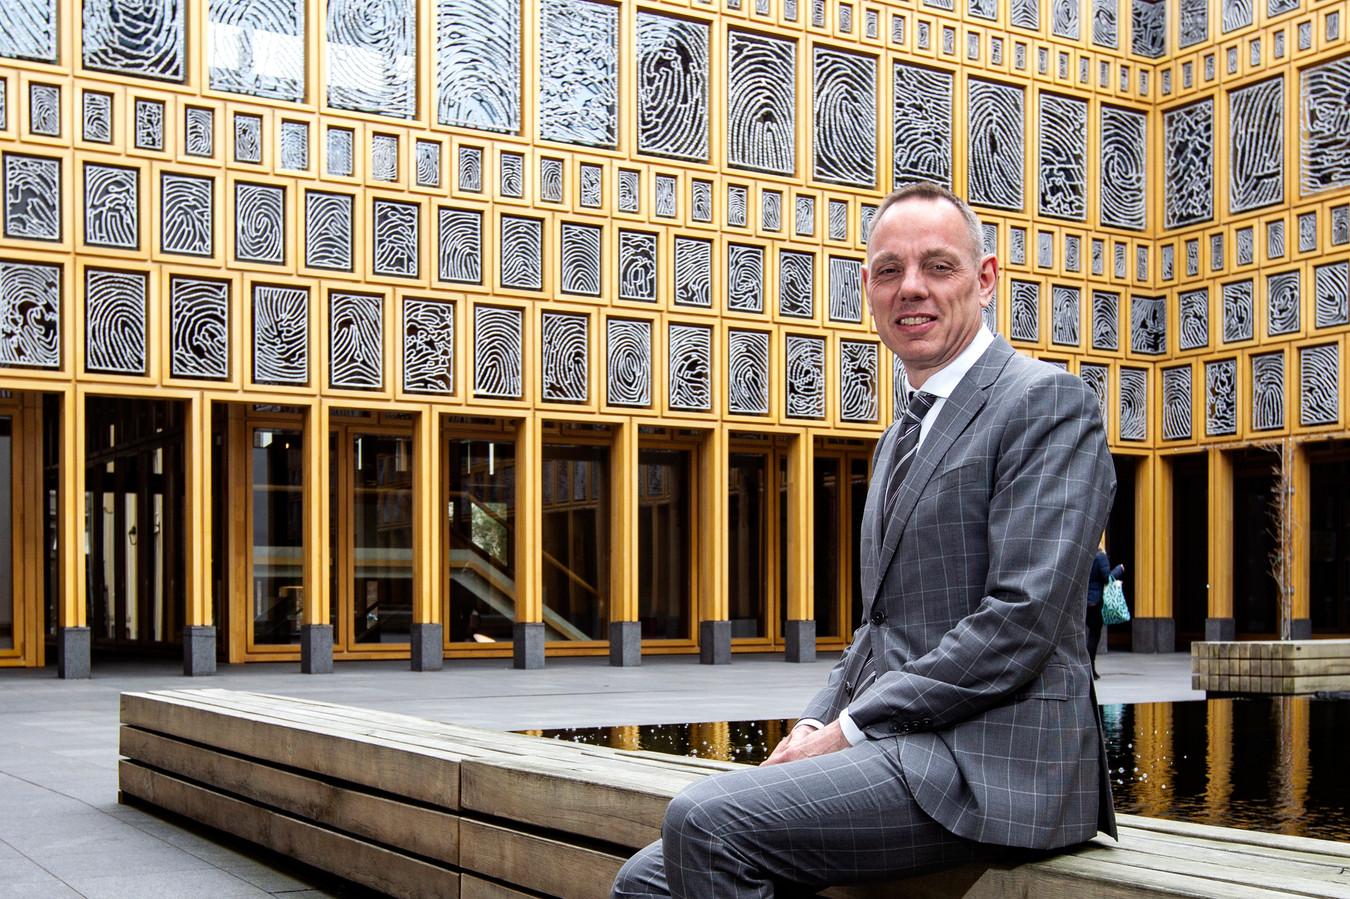 Ron König mag zich vanaf donderdag 6 juni officieel burgemeester van Deventer noemen.